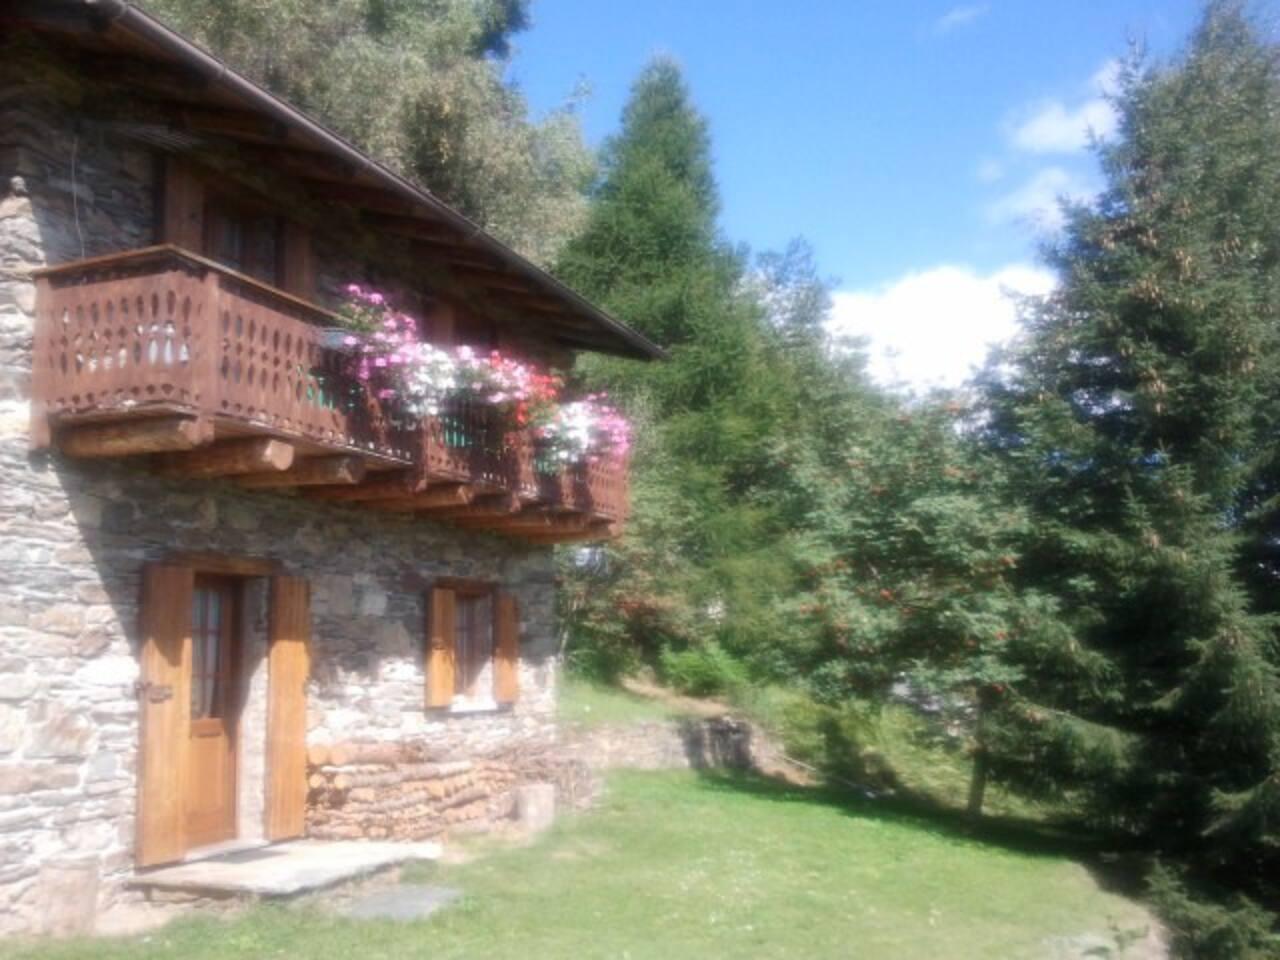 Baita col suo balcone fiorito in piena estate, davanti casa un bel spiazzo  molto riservato  e panoramico con barbecue